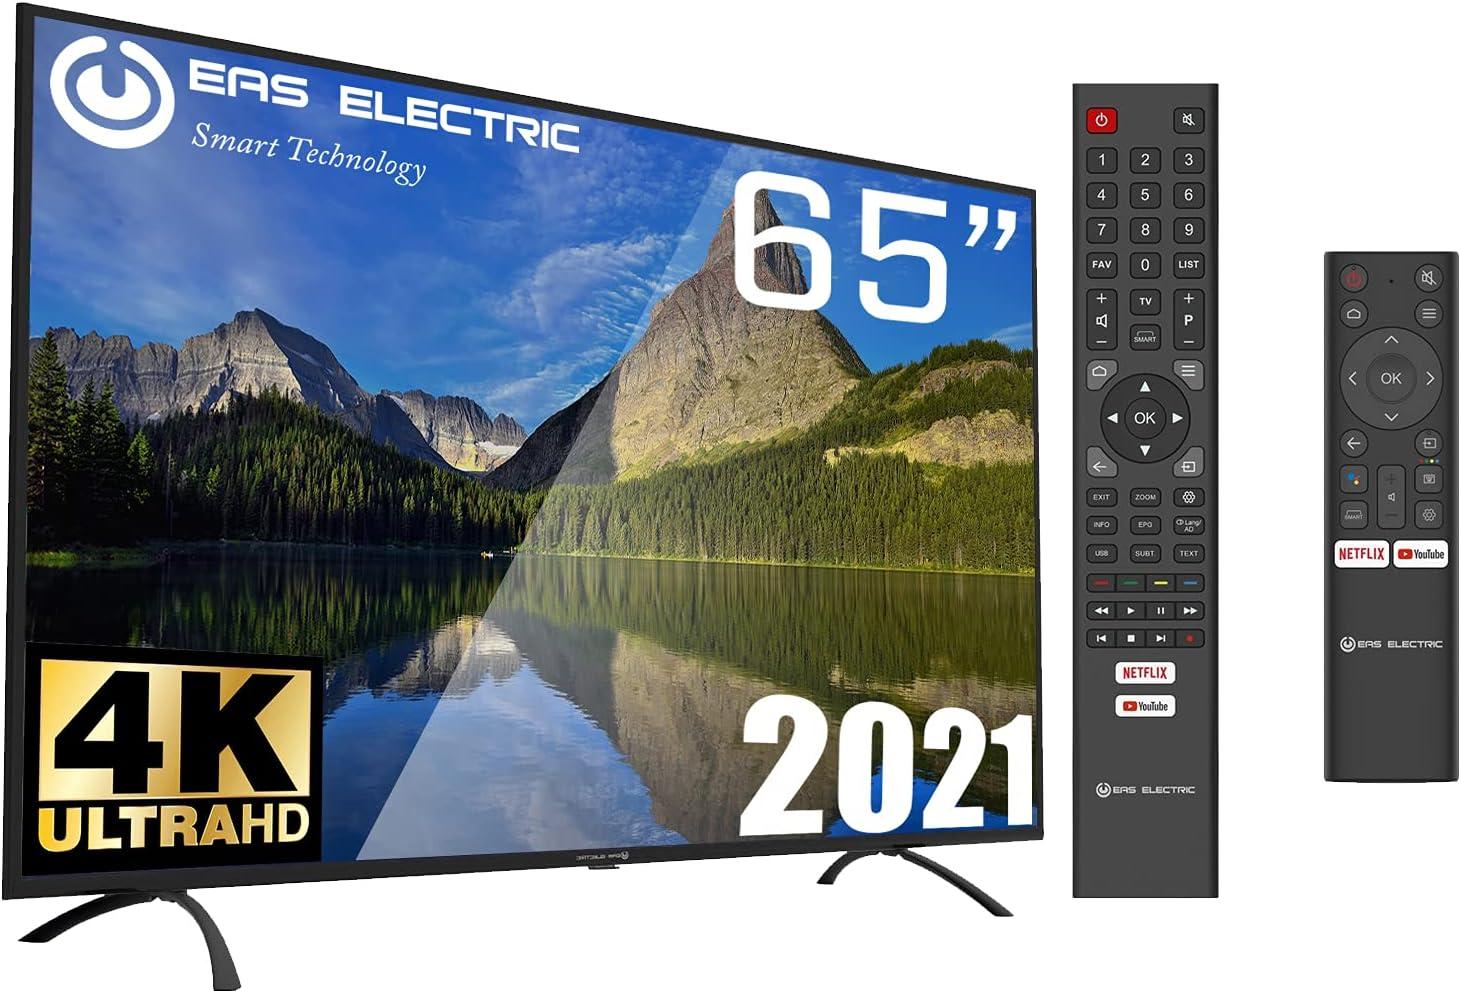 EAS Electric | E65AN90G |